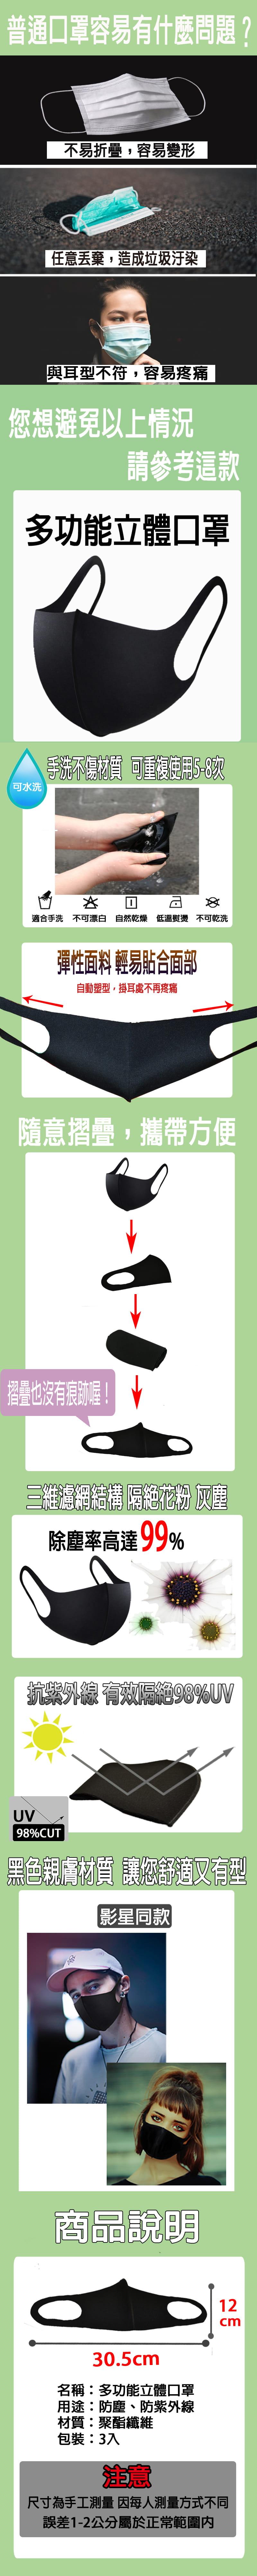 【勝利者】立體口罩 抗UV防塵 可水洗重複口罩 3入裝 1